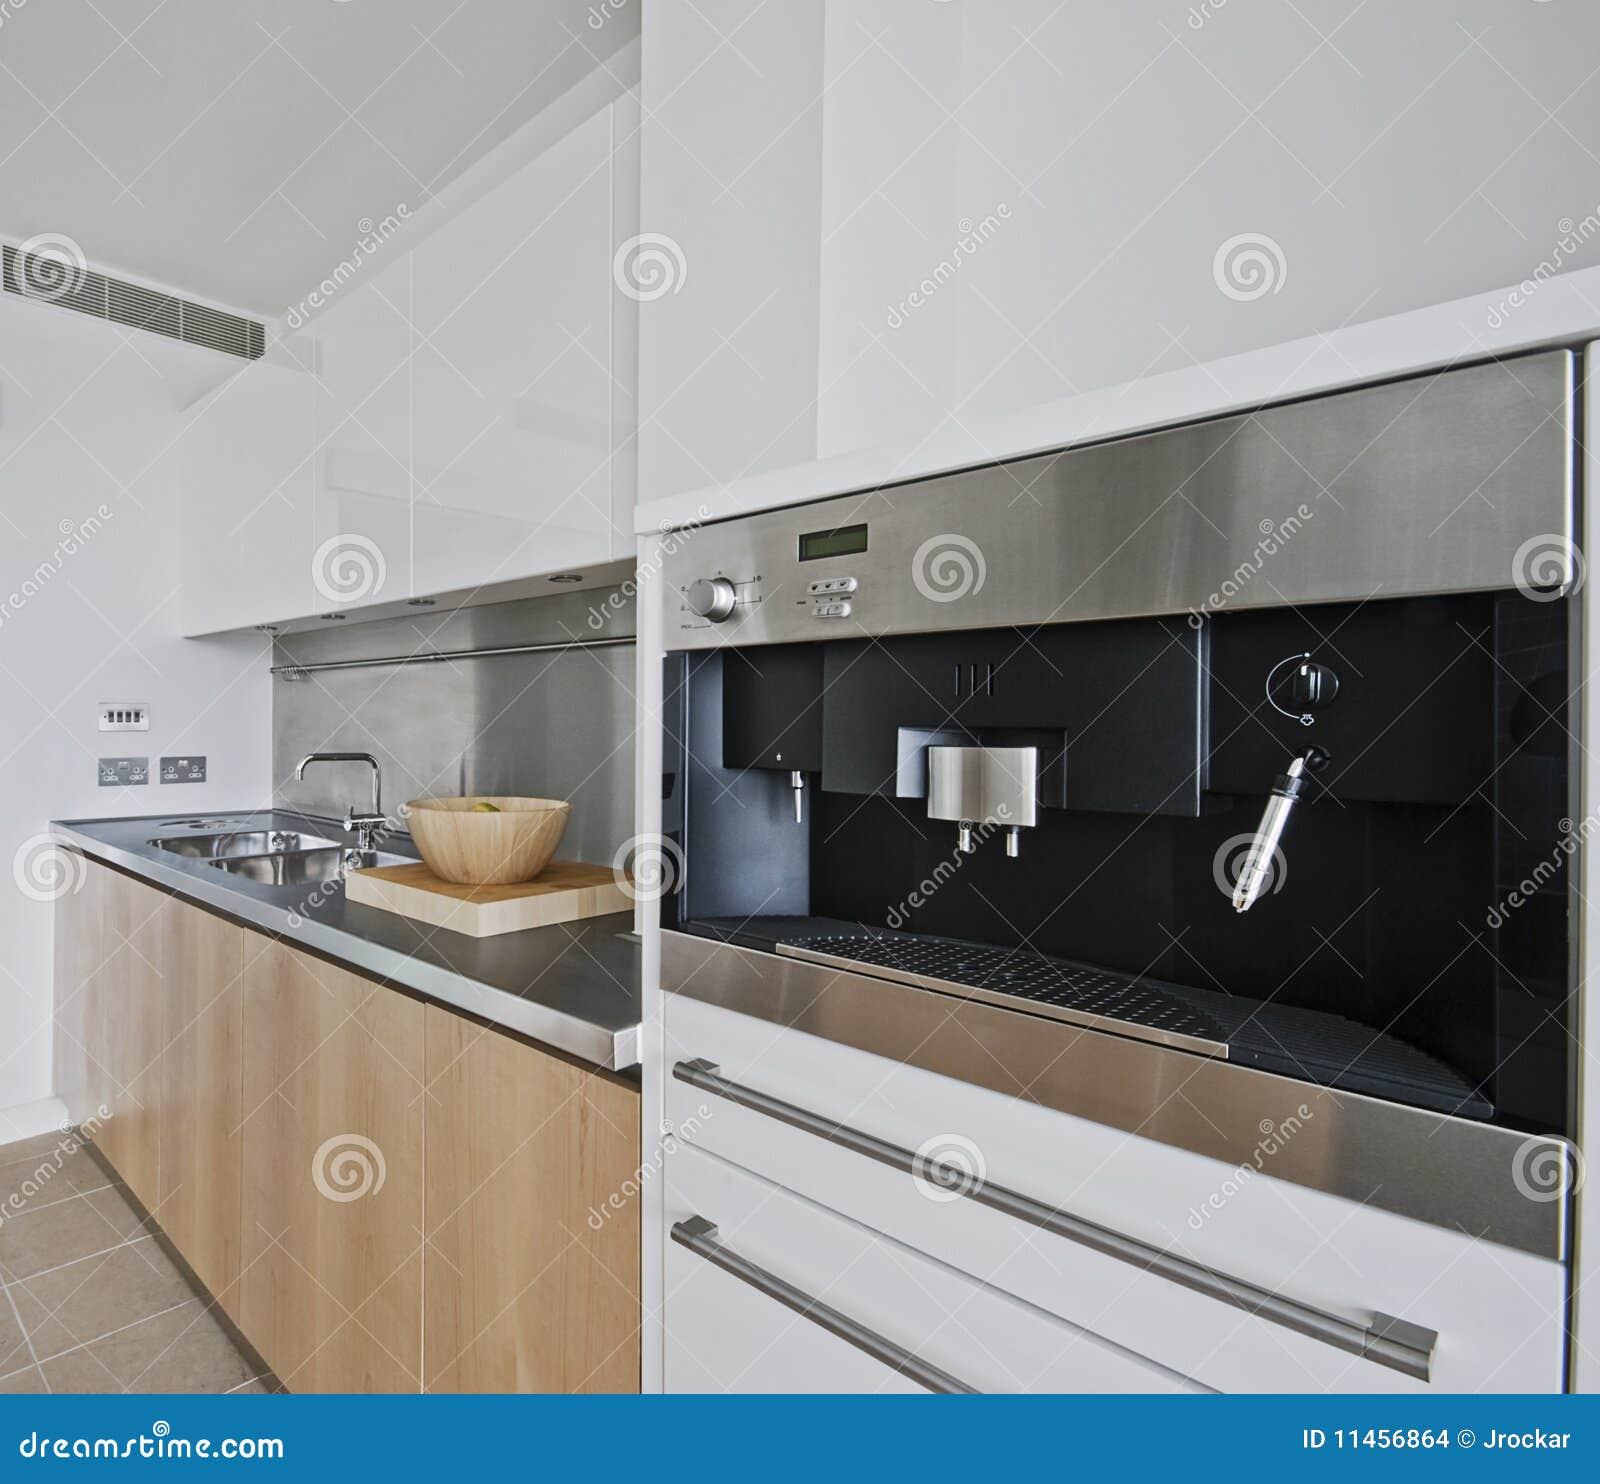 Keuken met gebouwd in koffiemachine stock foto afbeelding 11456864 - Keuken met teller ...